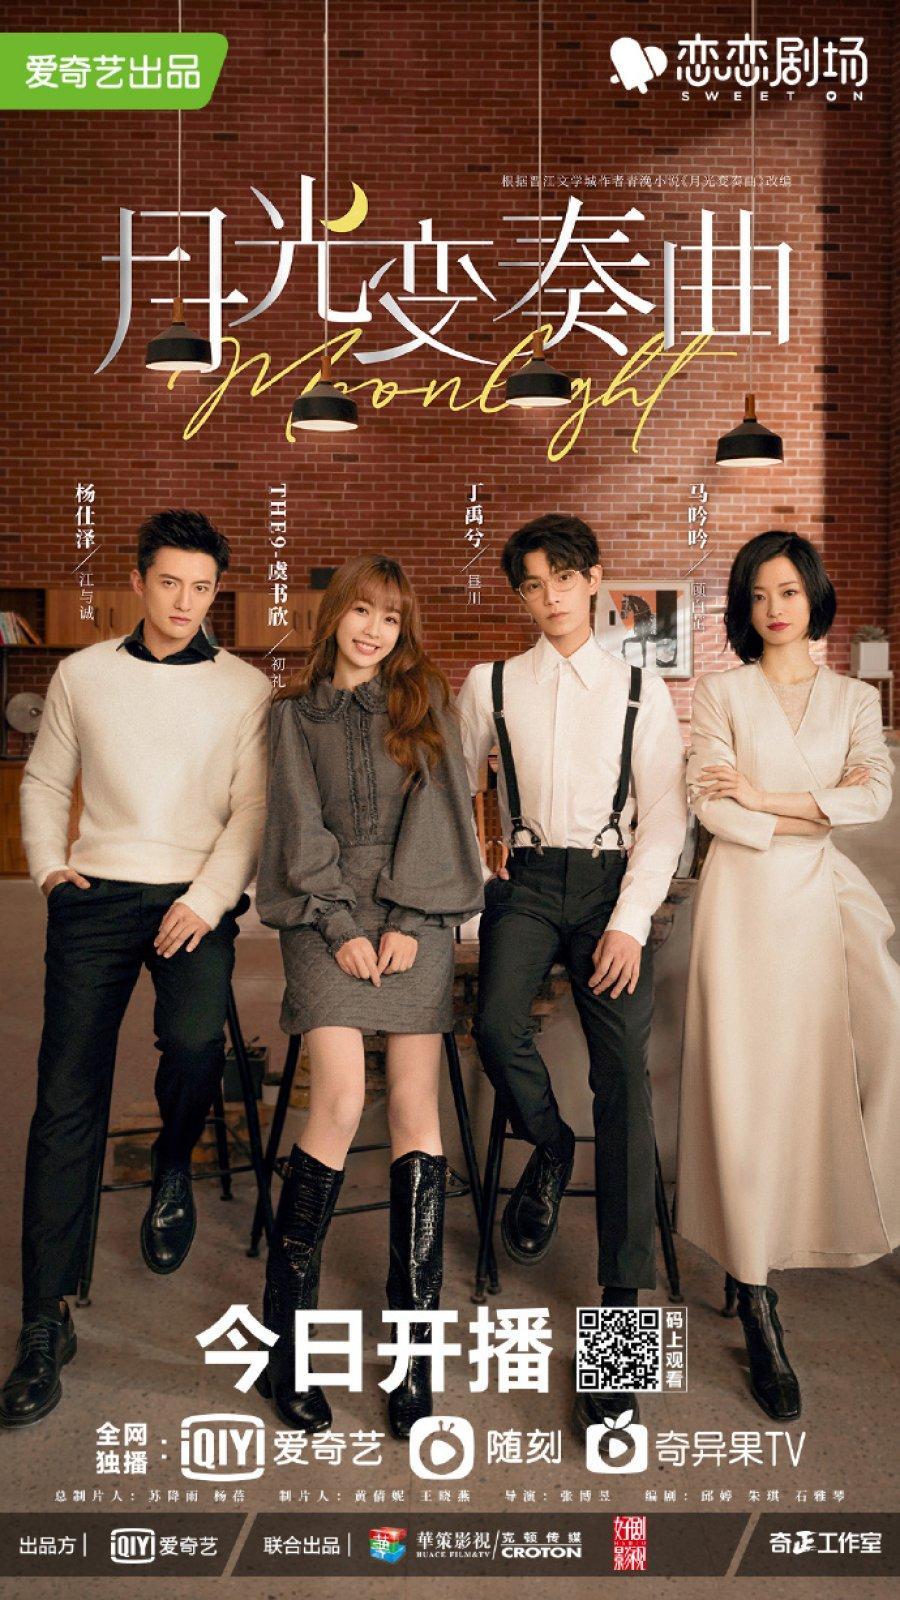 Moonlight (drama)